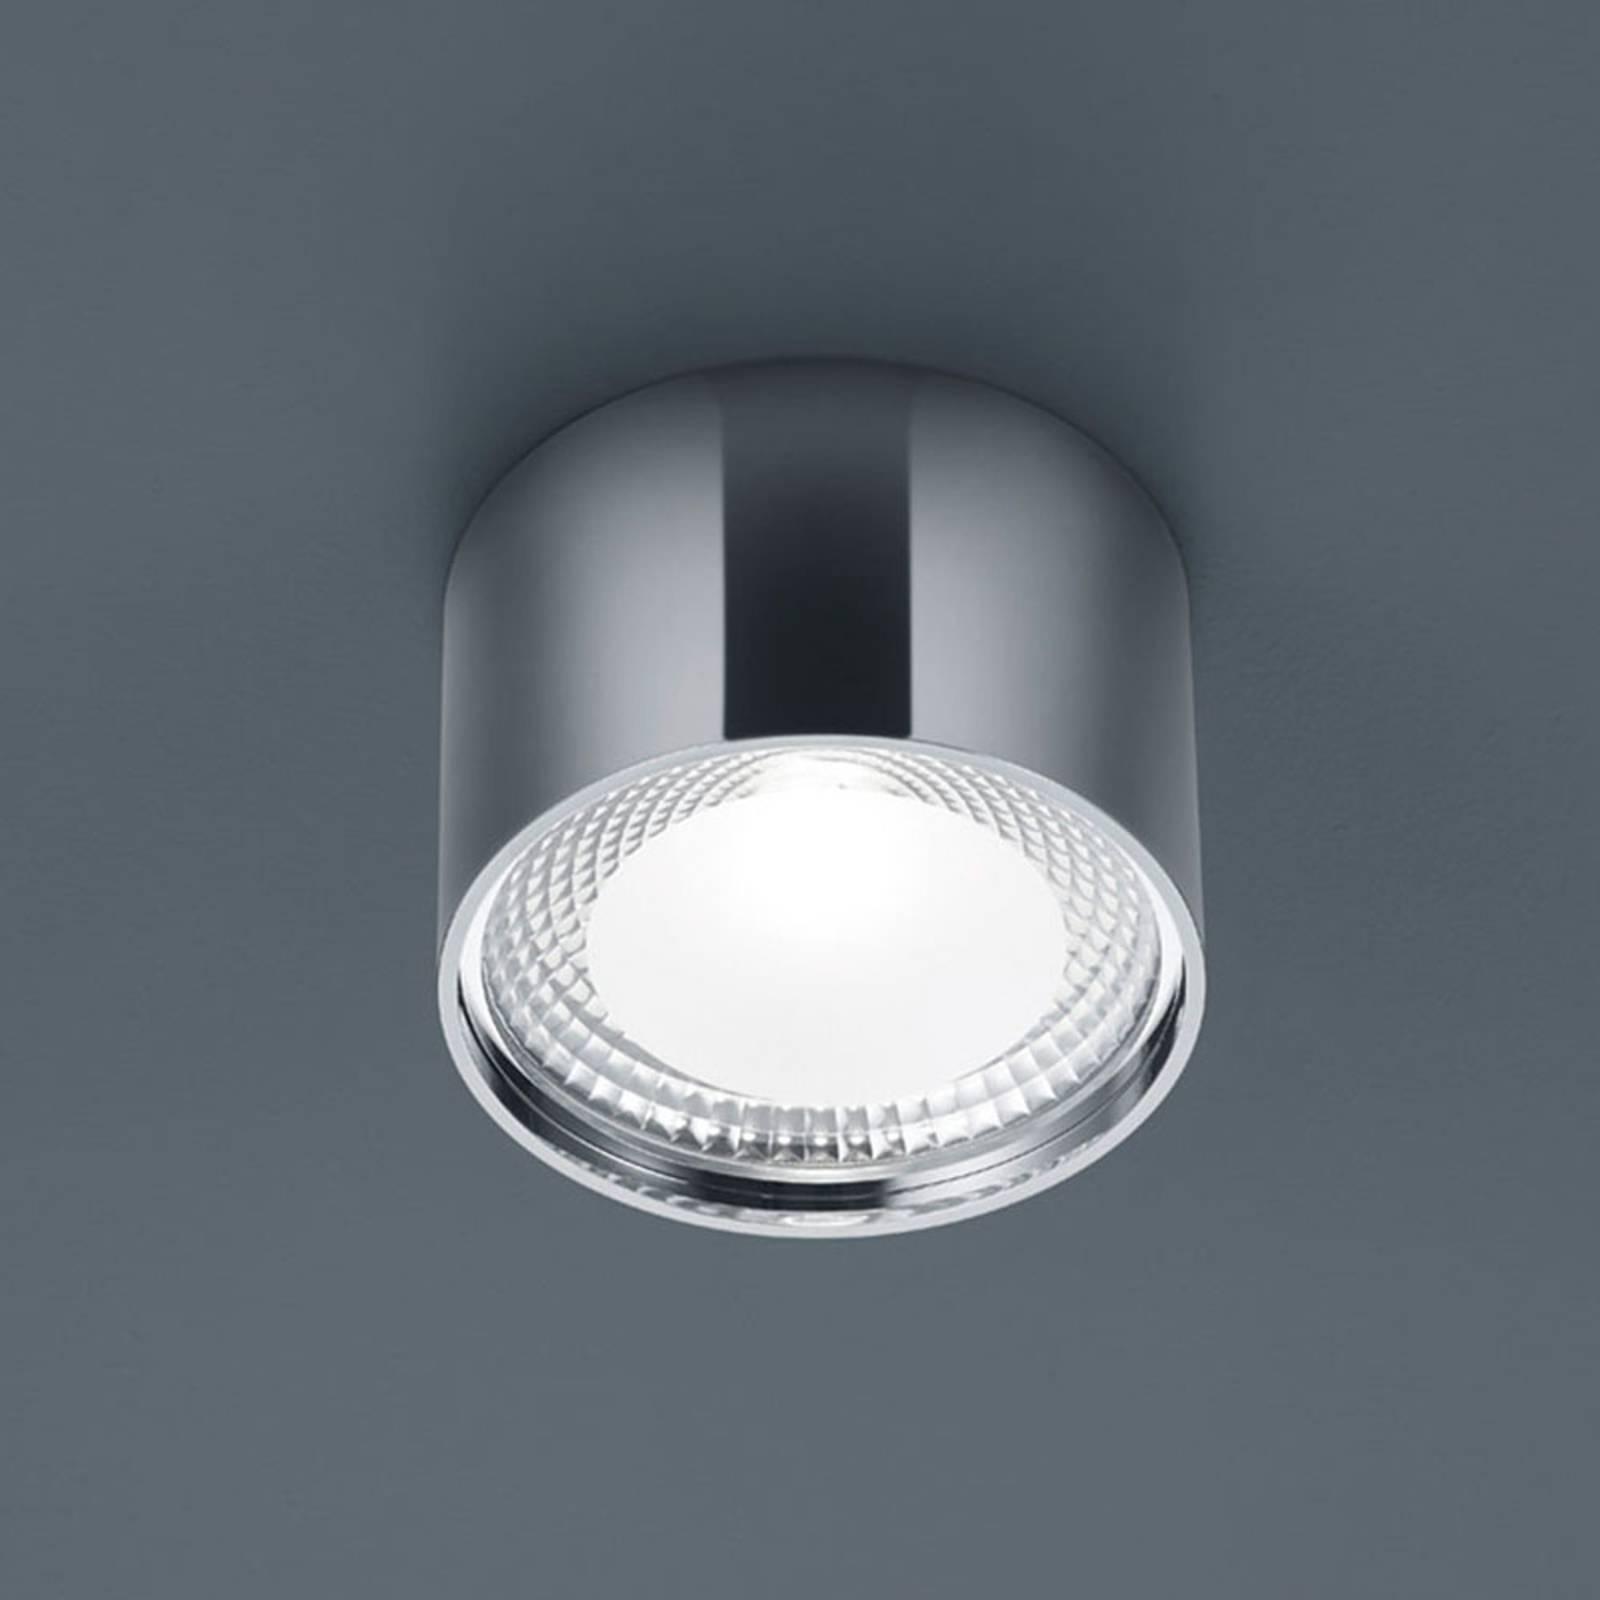 Helestra Kari -LED-kattovalaisin, pyöreä, kromi